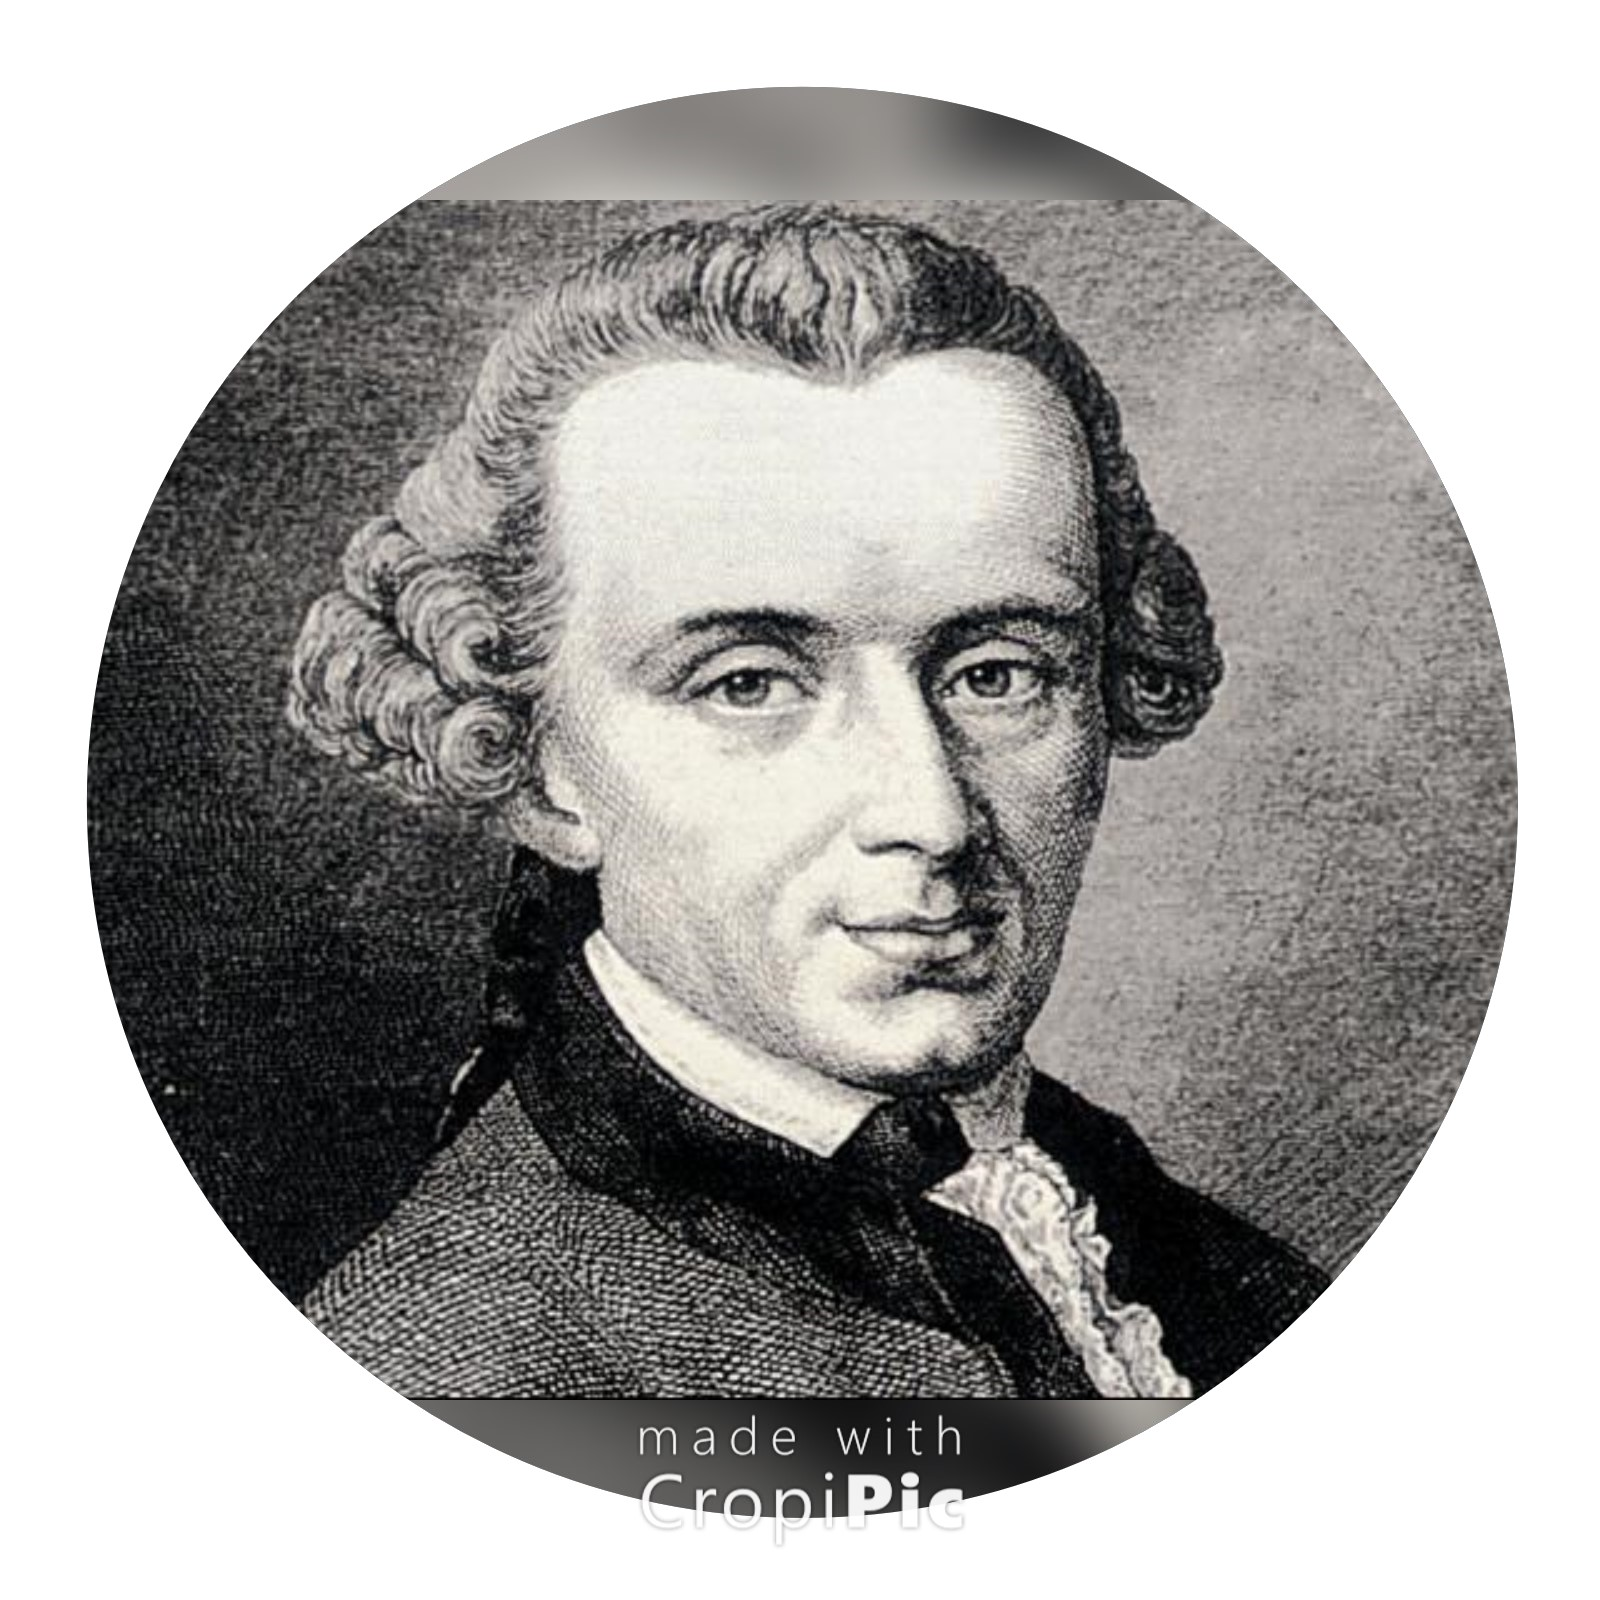 c0488e2b2 نيتشه بين فلسفة التاريخ والأخلاق | المدونة الفلسفية